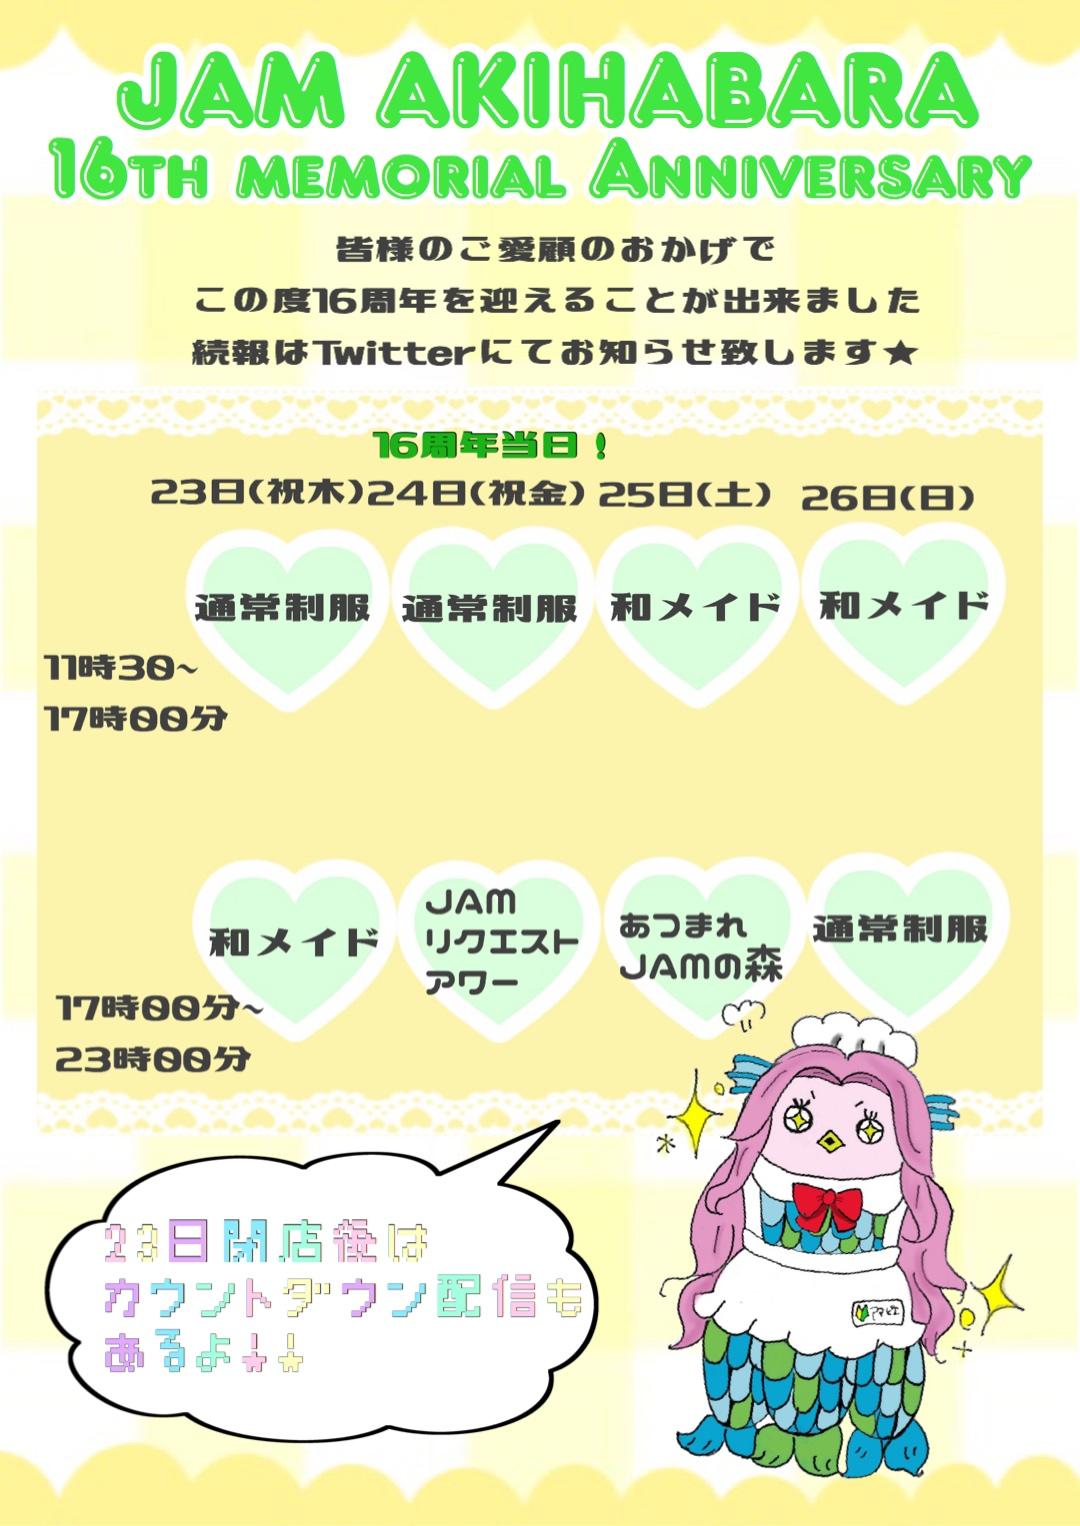 JAM Akihabara 16周年イベント